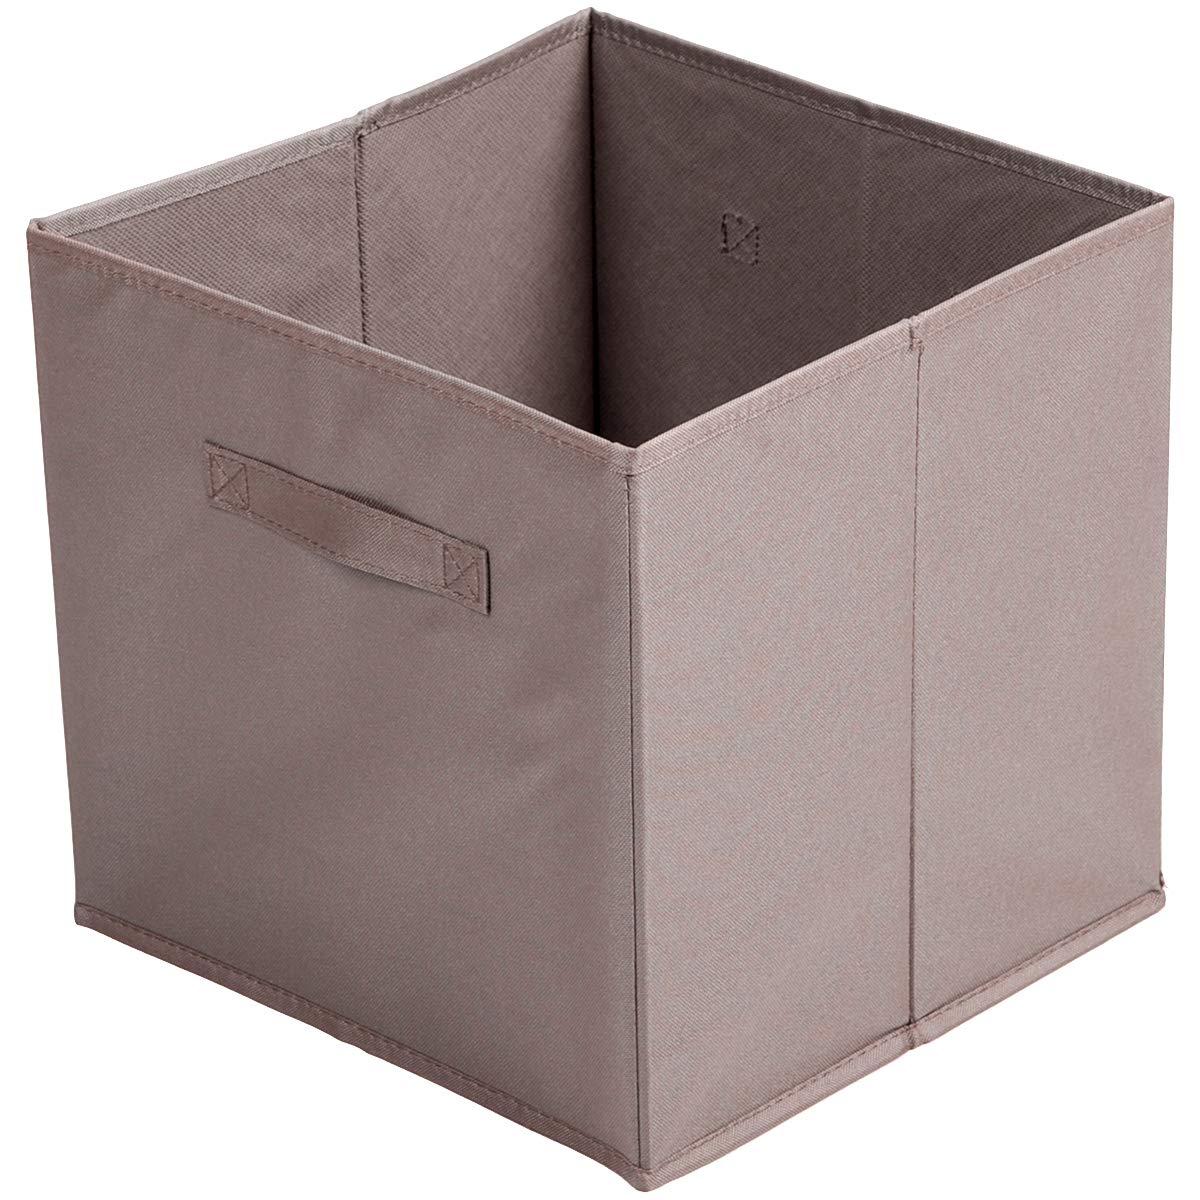 Panier Cube Boite De Rangement avec Poign/ée D/éco City Taupe 31 x 31 x 31cm Promobo